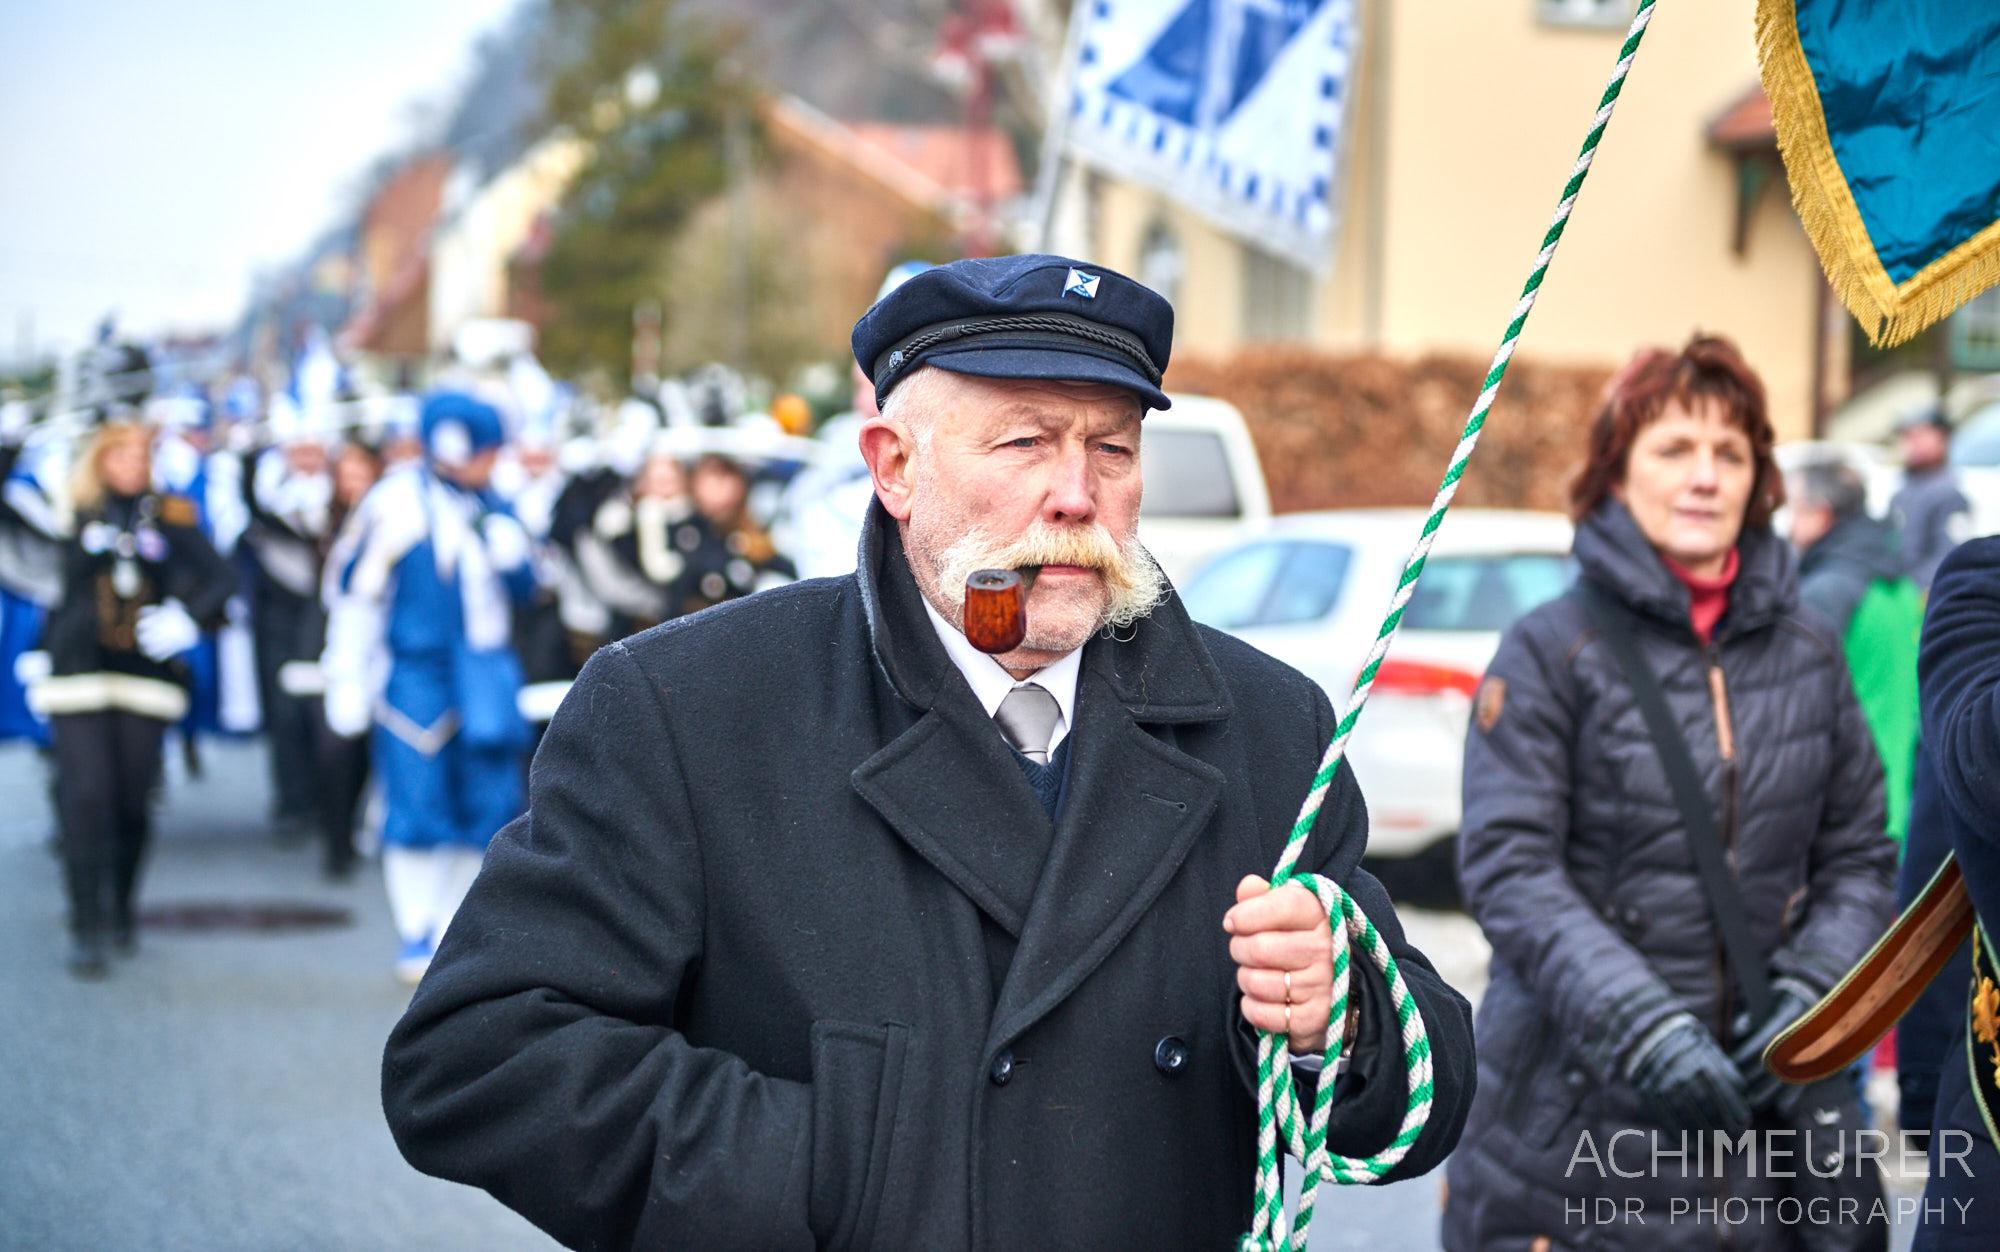 Schifferfastnacht-Postelwitz-Bad-Schandau-Saechsische-Schweiz-Sachsen_0016 by AchimMeurer.com .